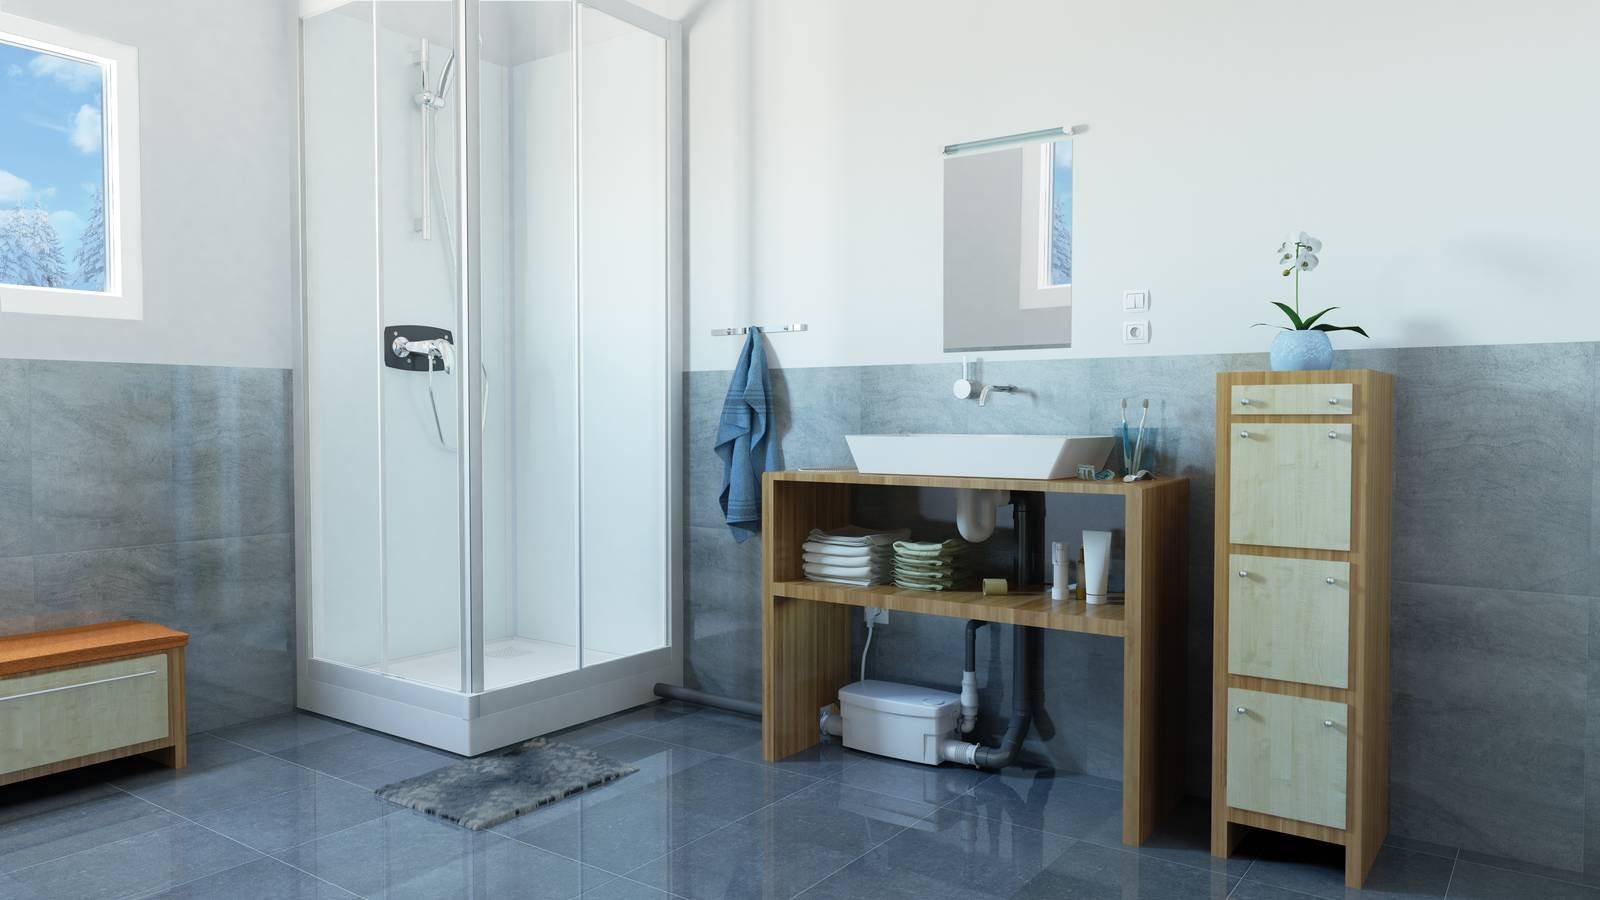 Bagno In Camera Senza Scarico : Spostare il bagno e spostare la cucina dove vuoi quando si può